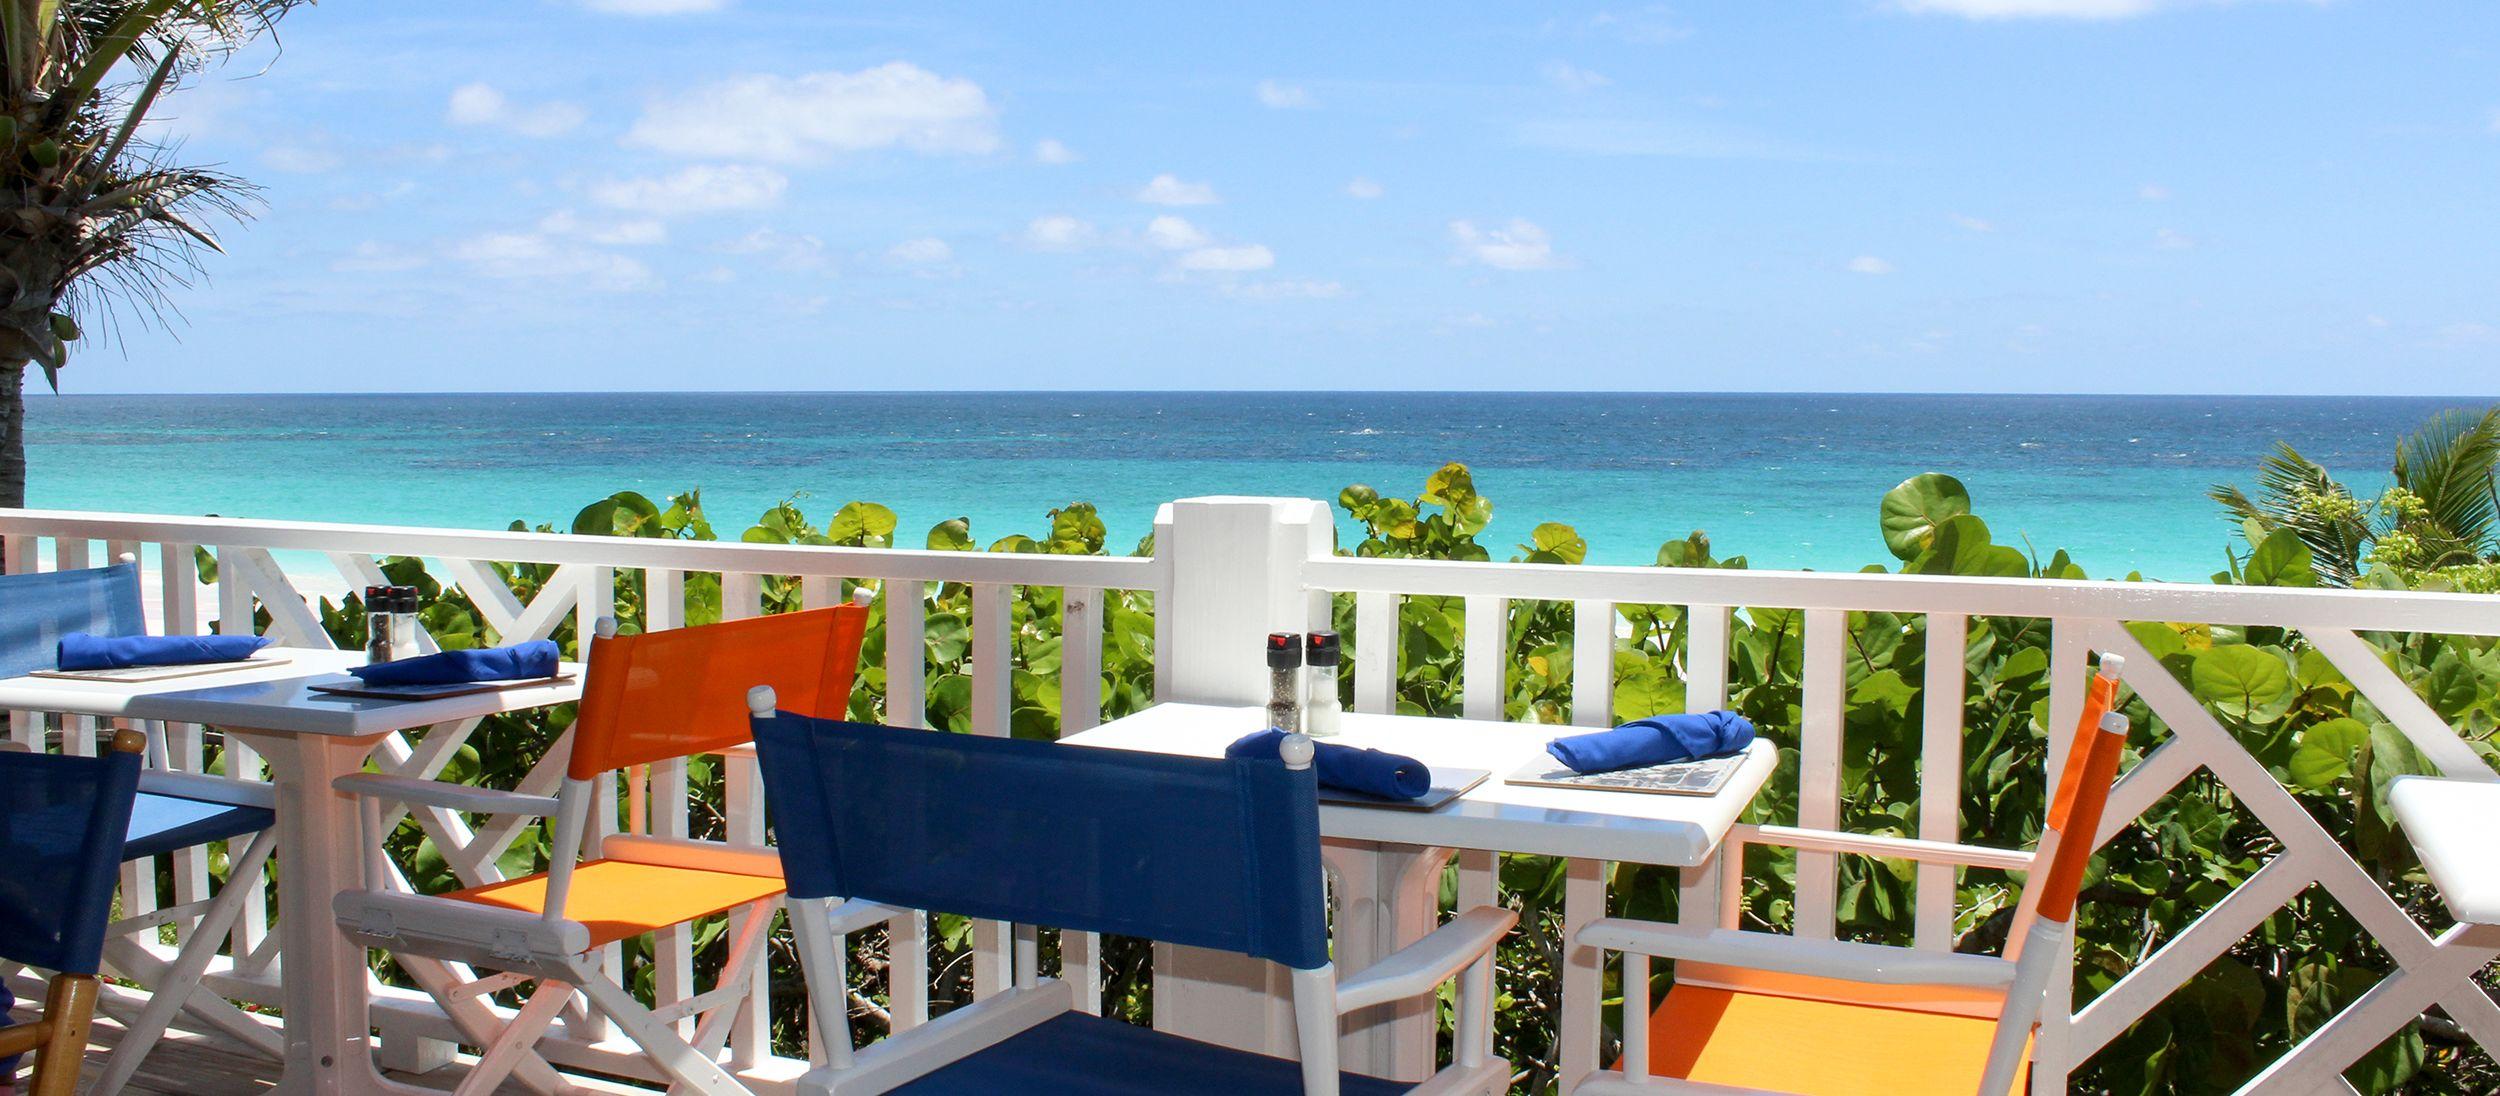 Terrasse vom Sip Sip Restaurant